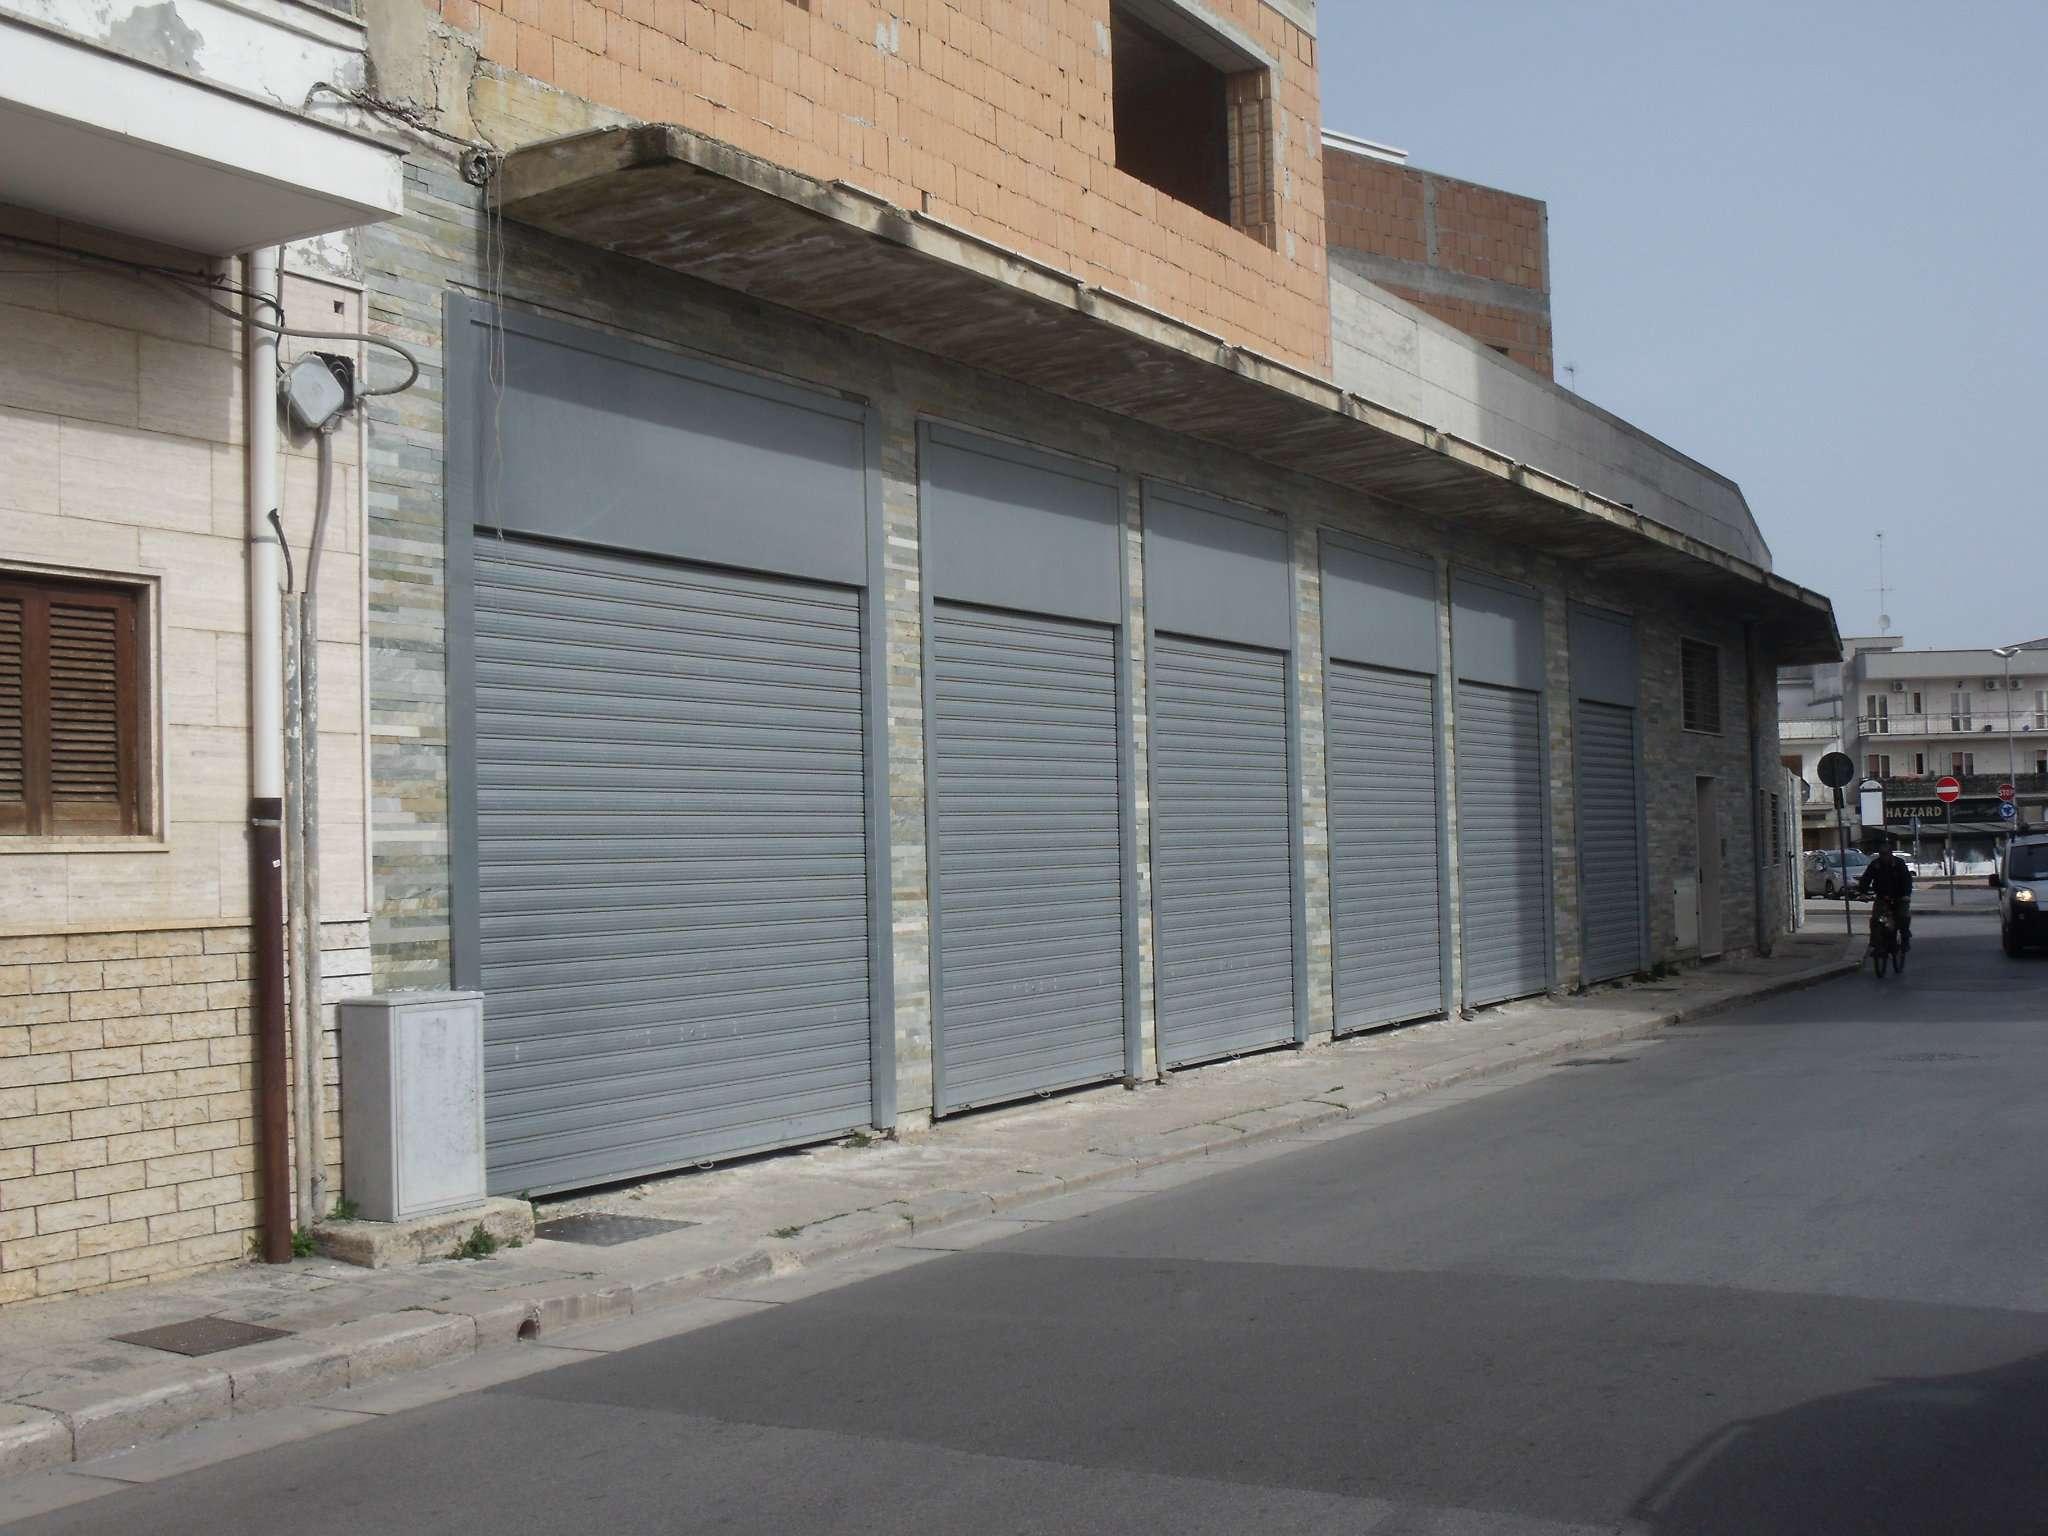 Negozio / Locale in affitto a Triggiano, 6 locali, Trattative riservate | Cambio Casa.it